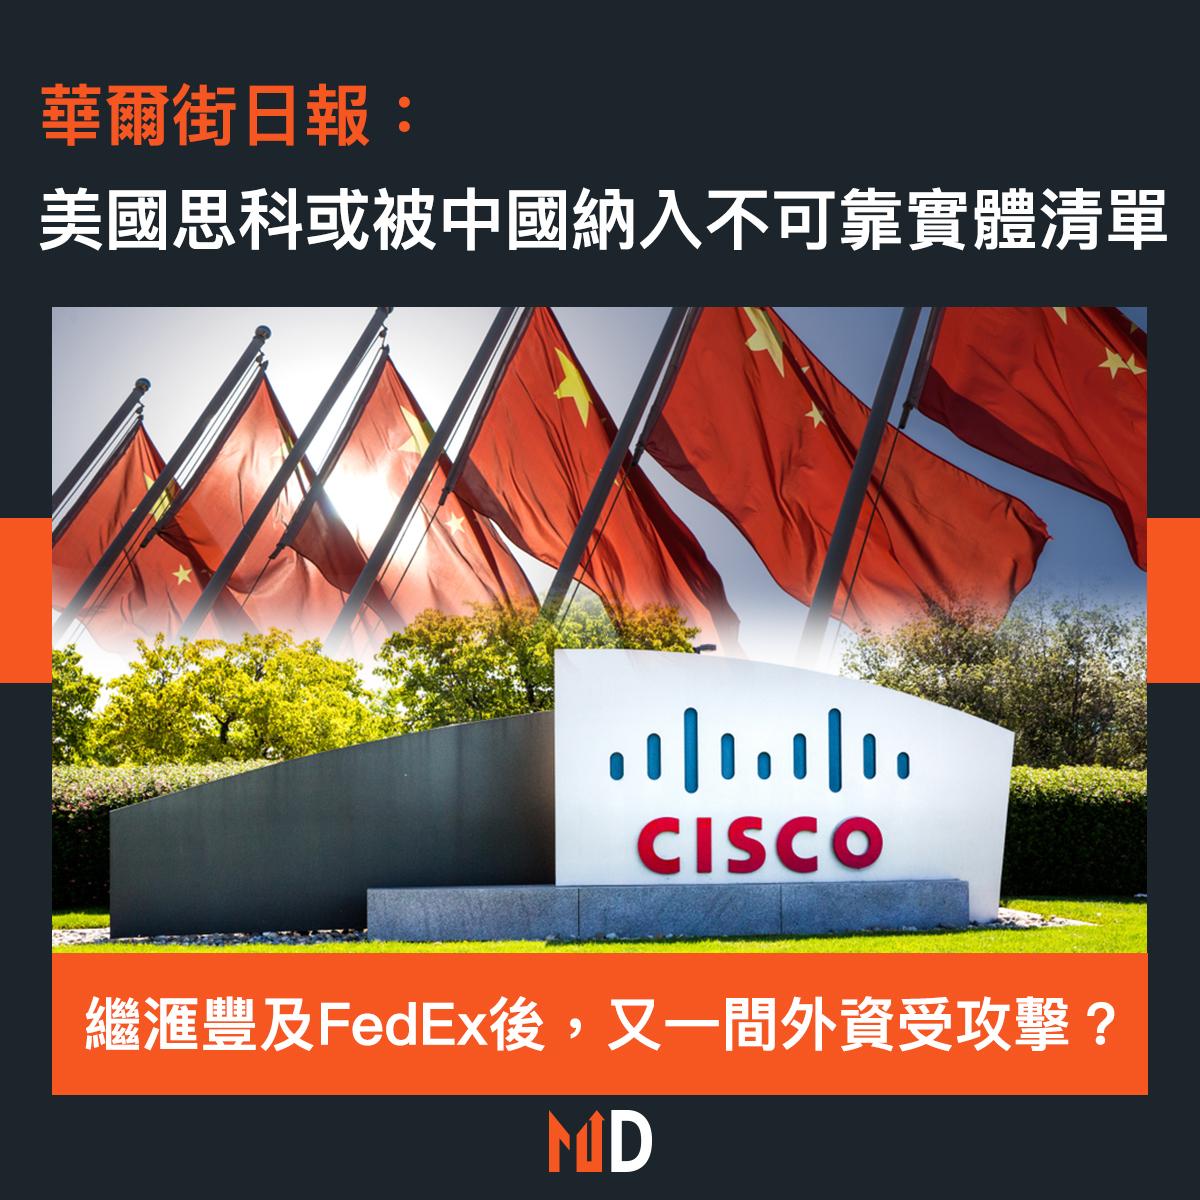 【中國反制?】華爾街日報:美國思科或被中國納入不可靠實體清單